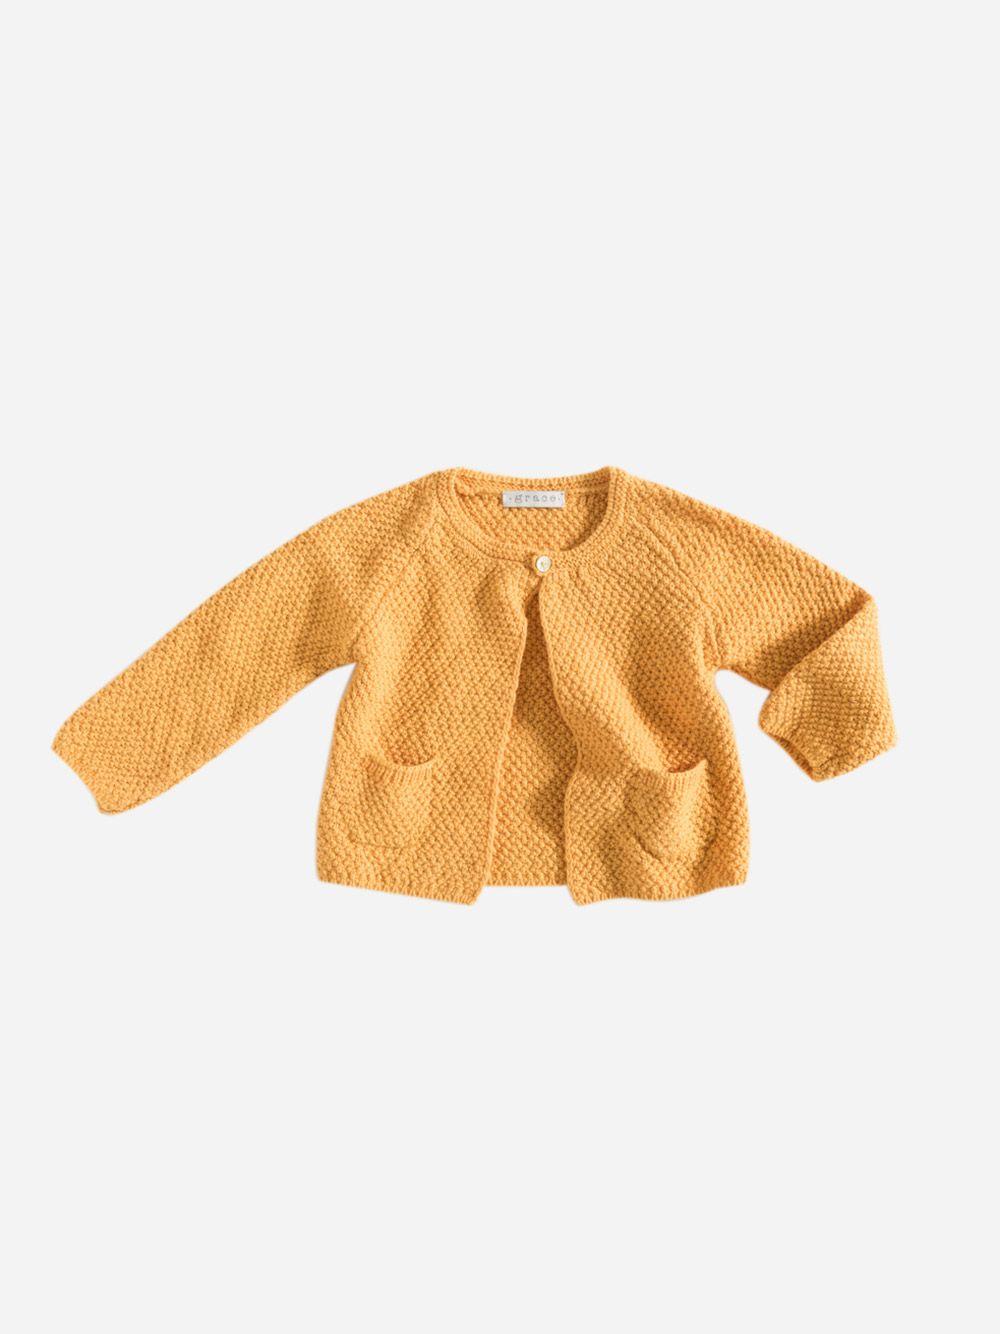 Casaco Tricotado Amarelo   Grace Baby and Child